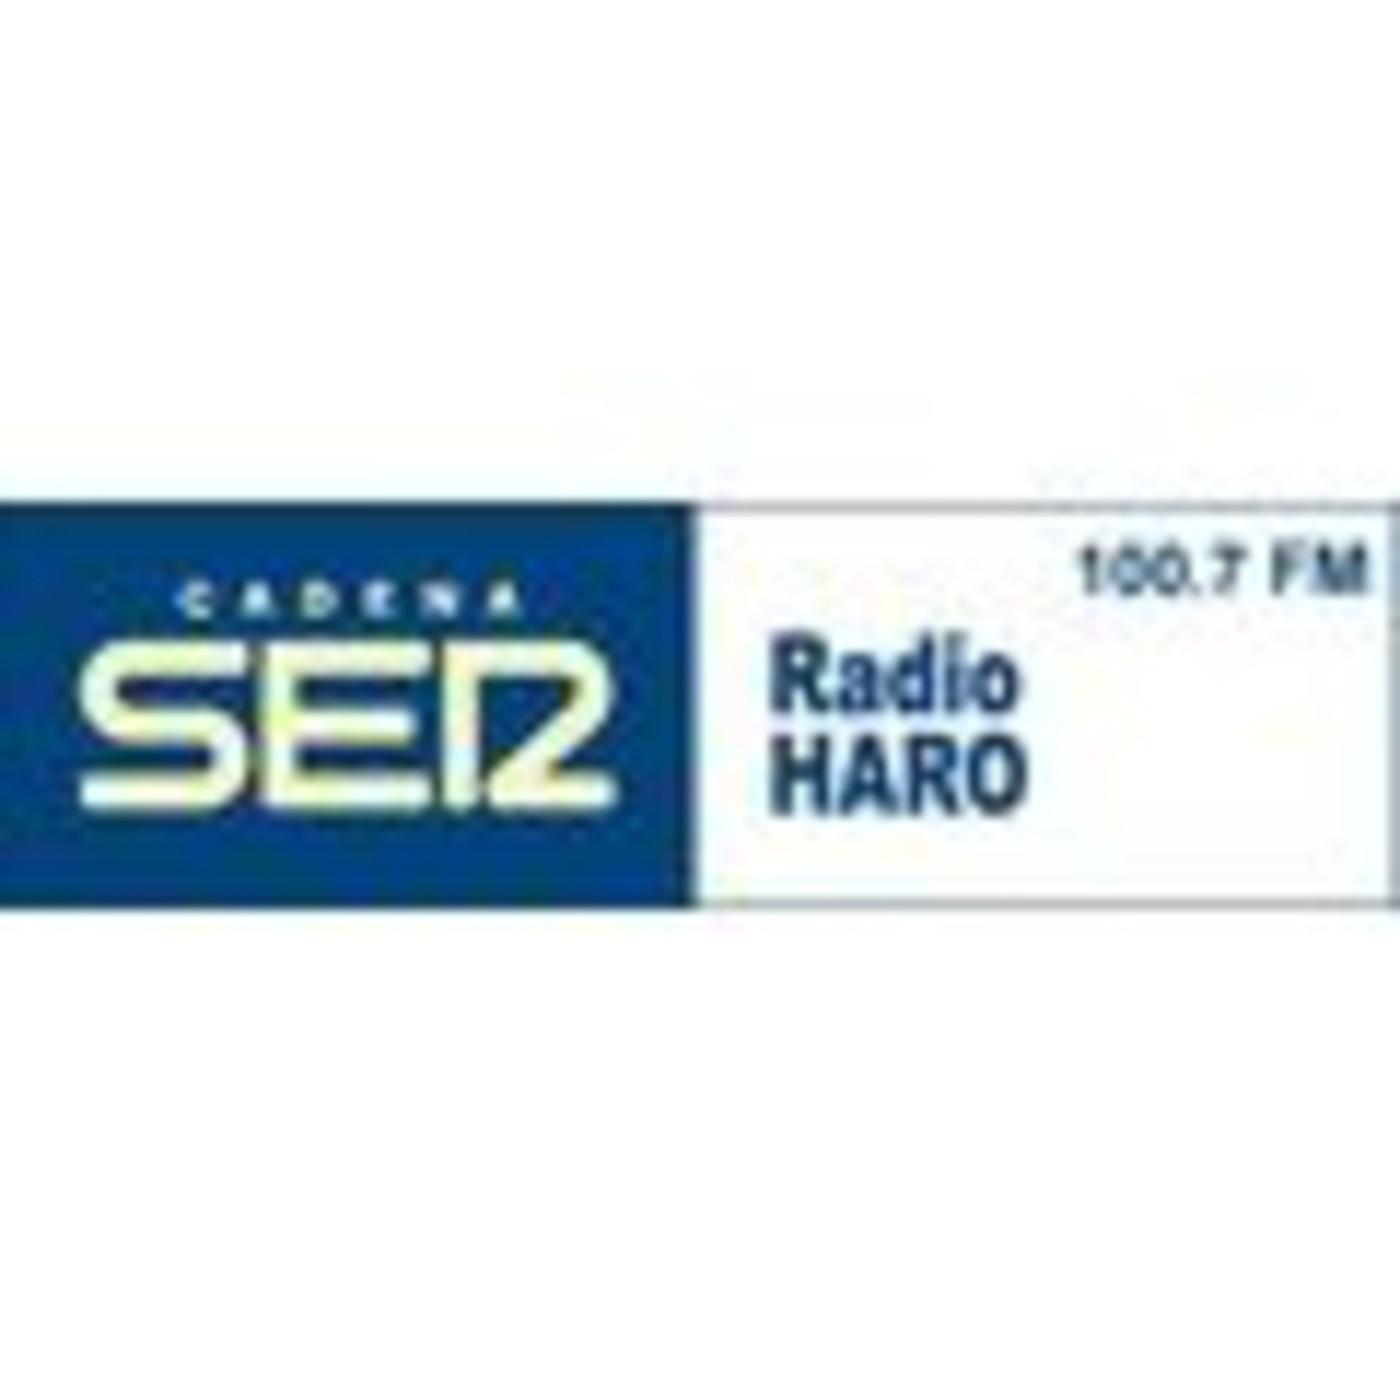 RadioHaro